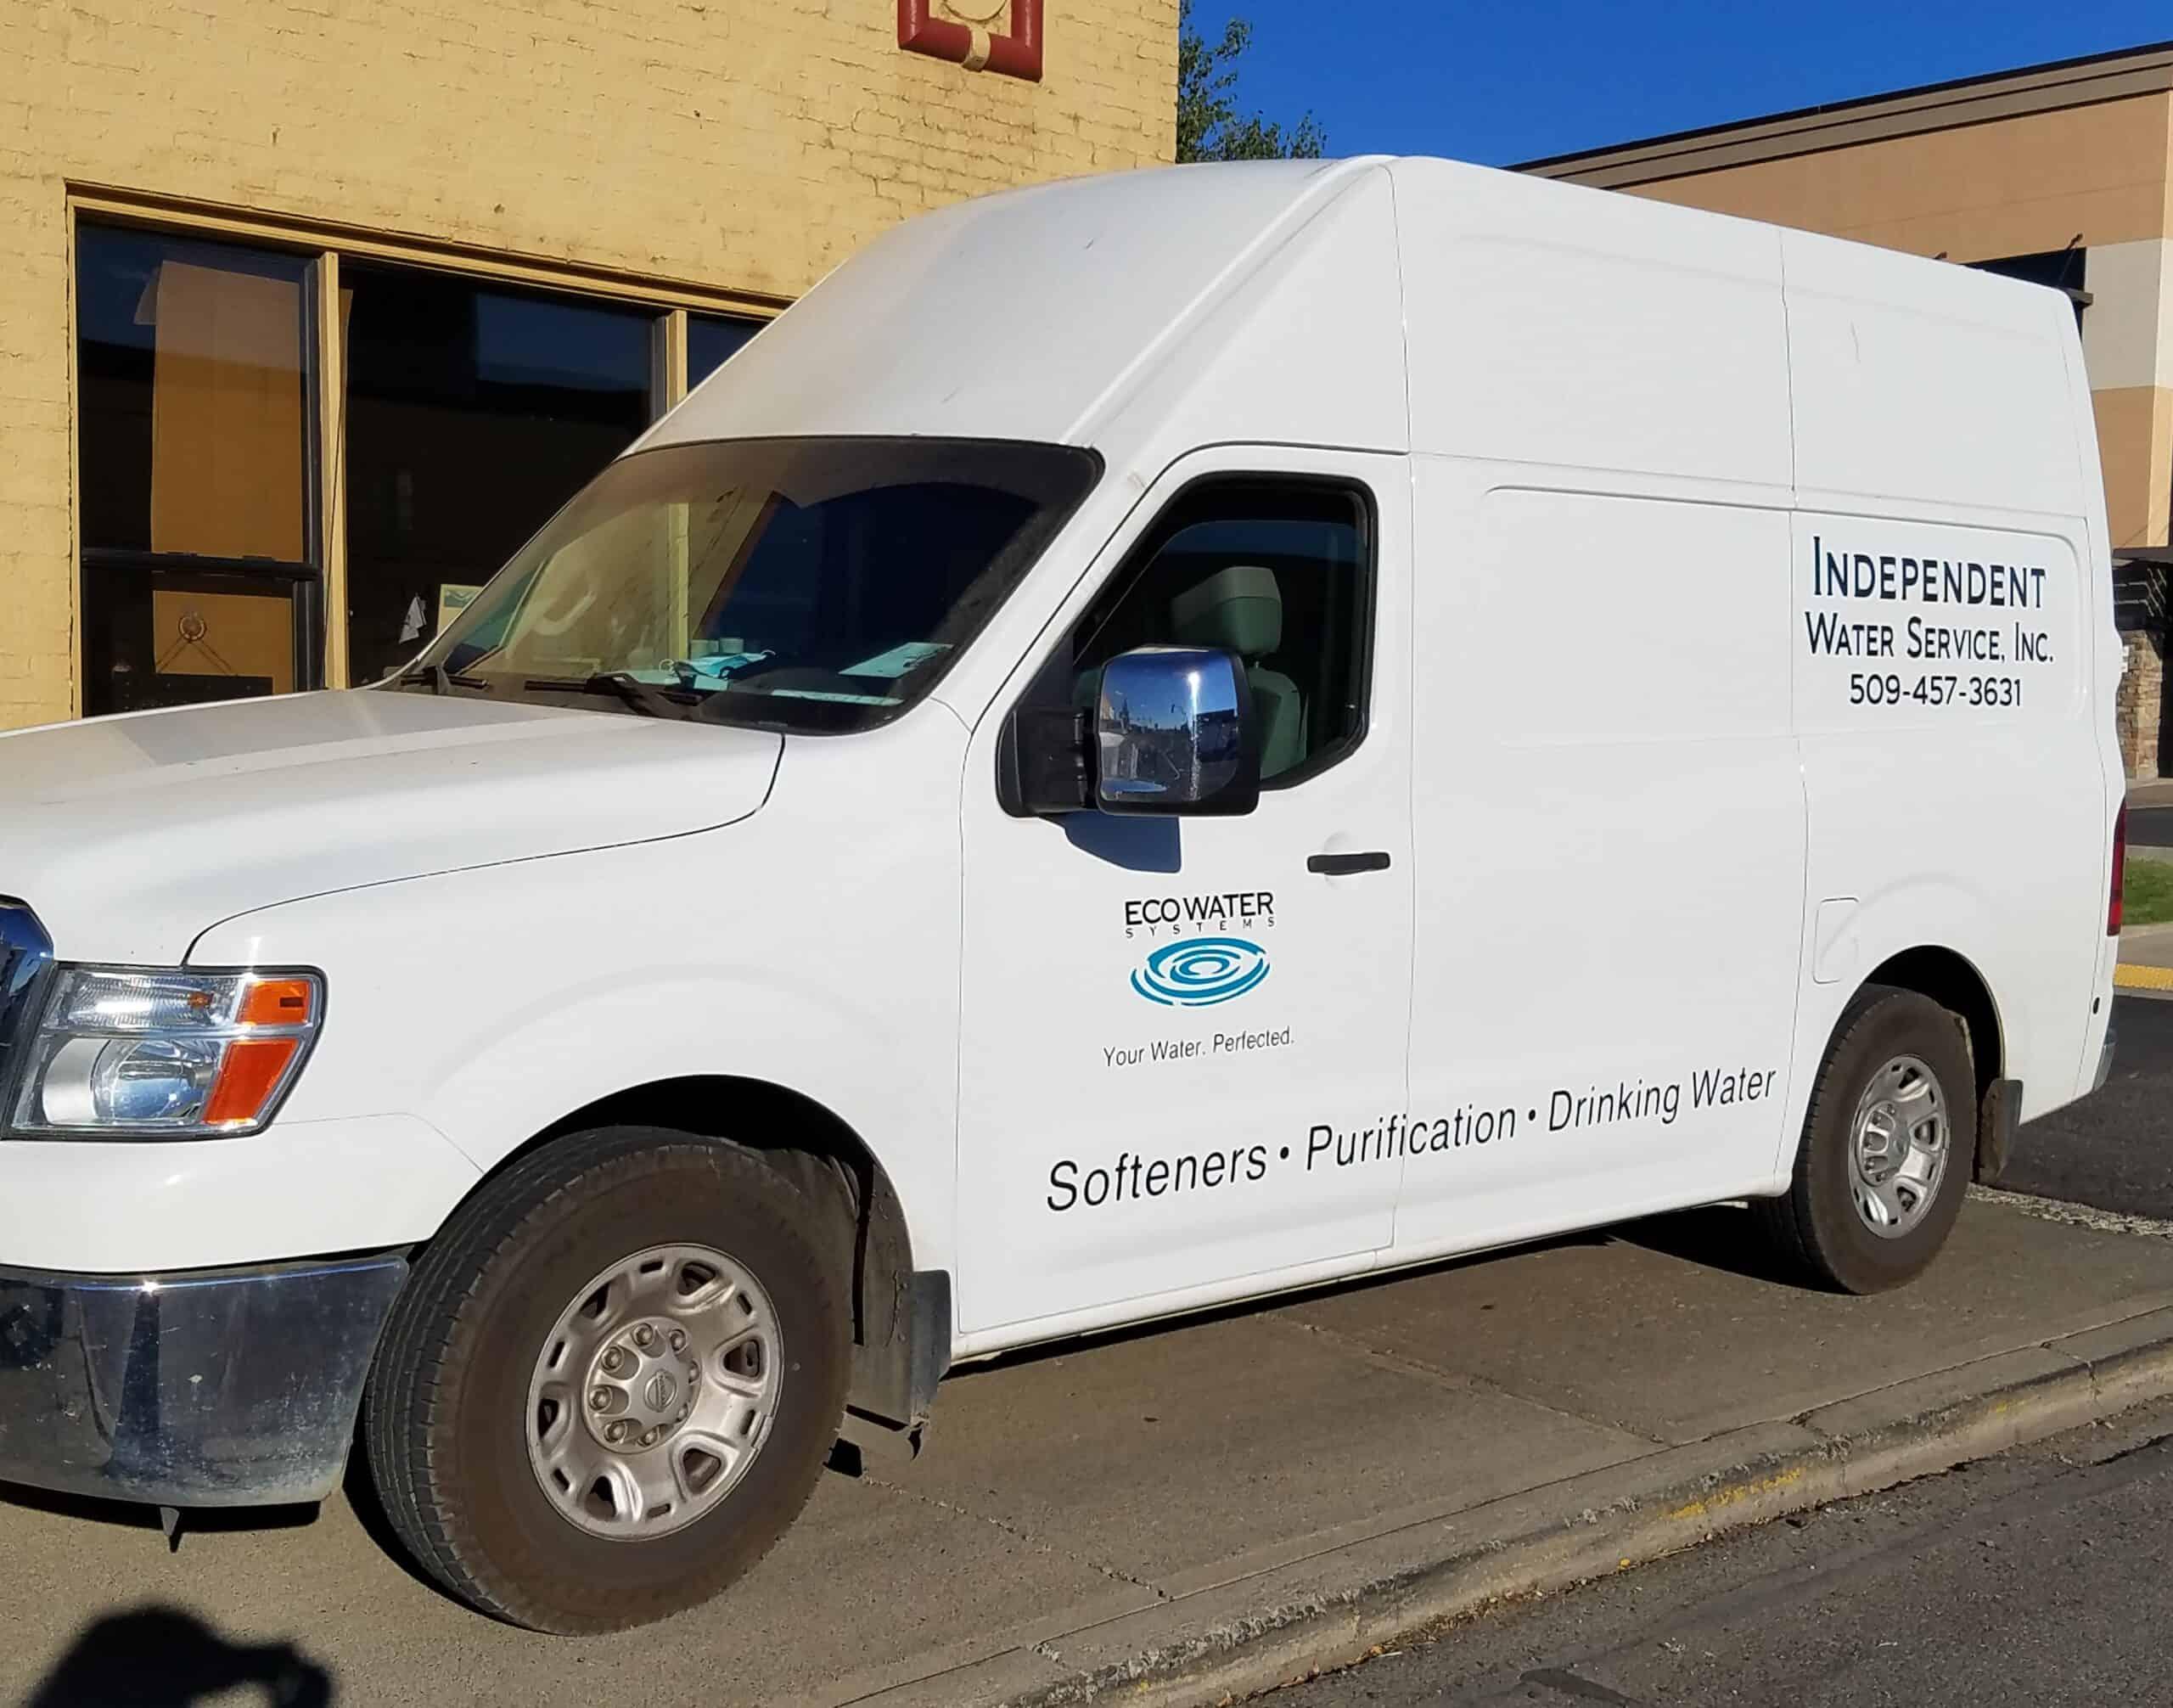 Independent Water Service, Inc. Van